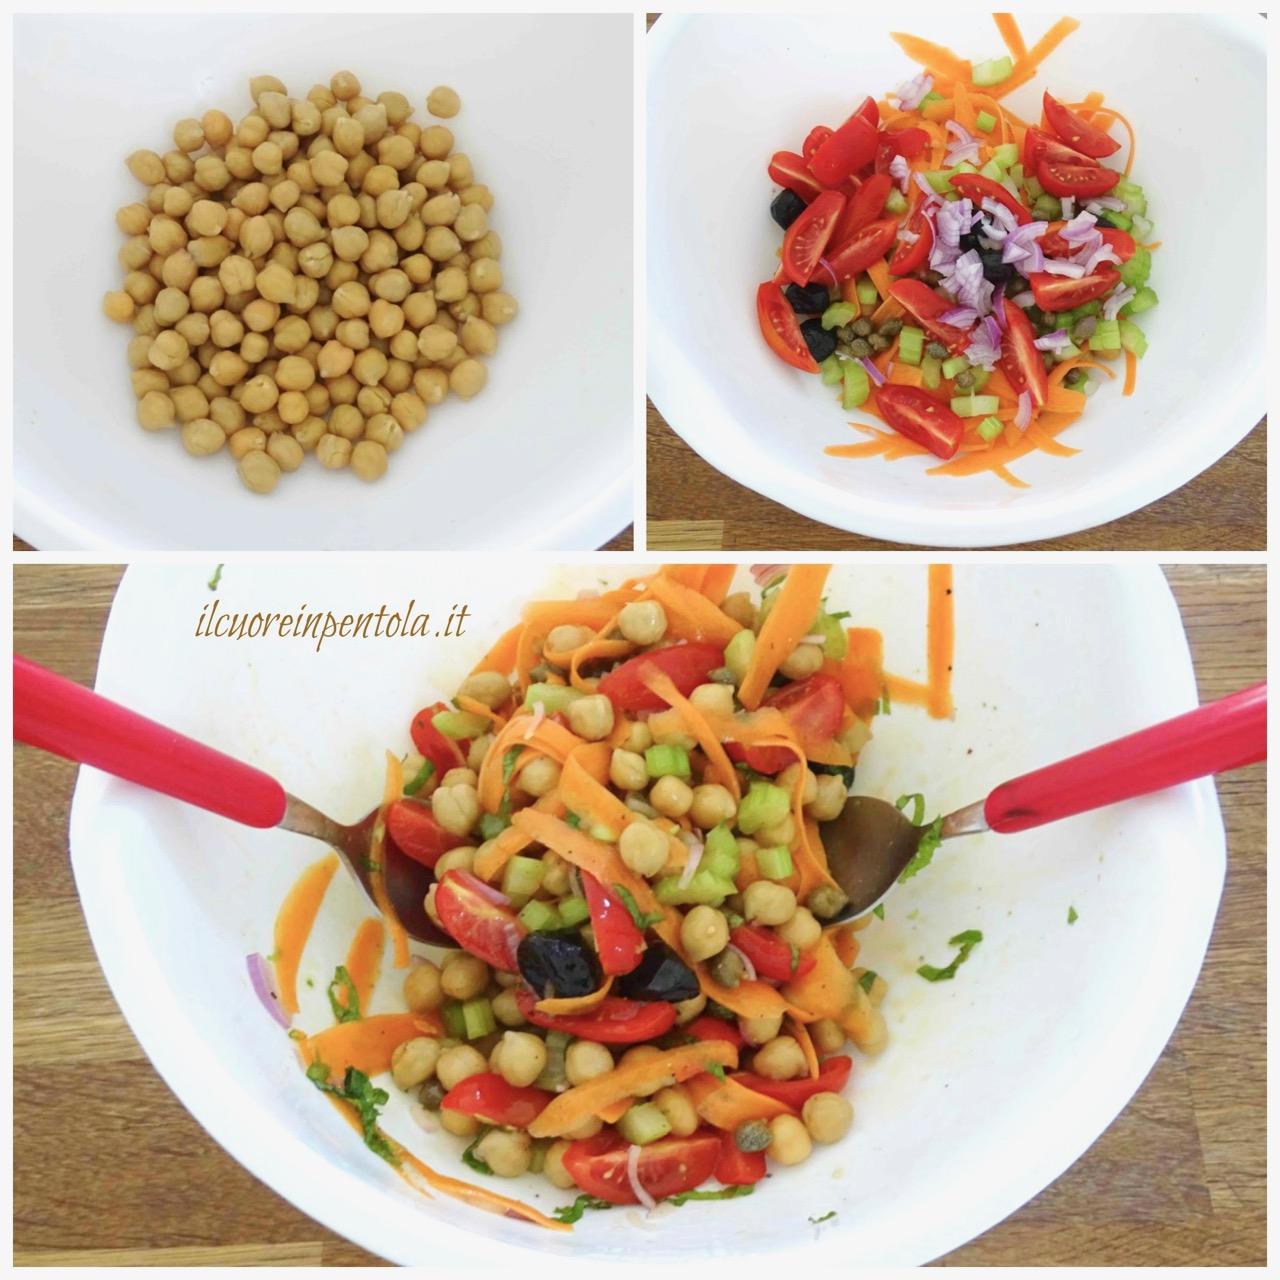 Insalata di ceci – Ricette insalate estive Il Cuore in Pentola